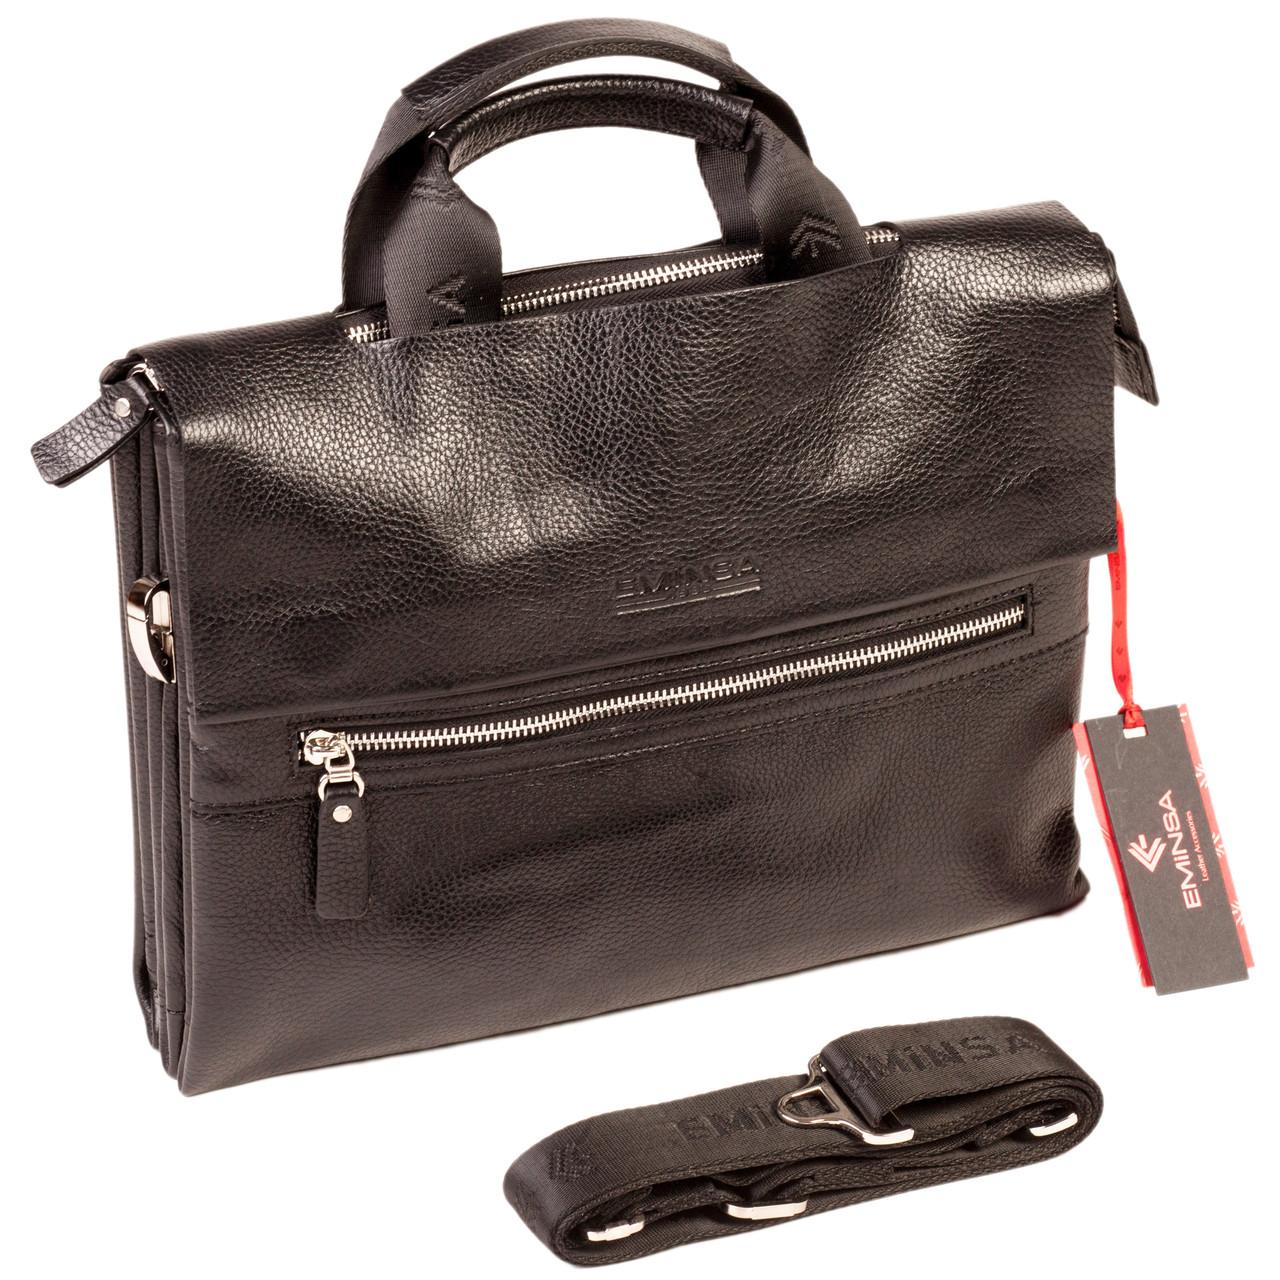 0a02f7c81f77 Мужская сумка Eminsa 7102-18-1 кожаная черная - FainaModa магазин кожаных  изделий в